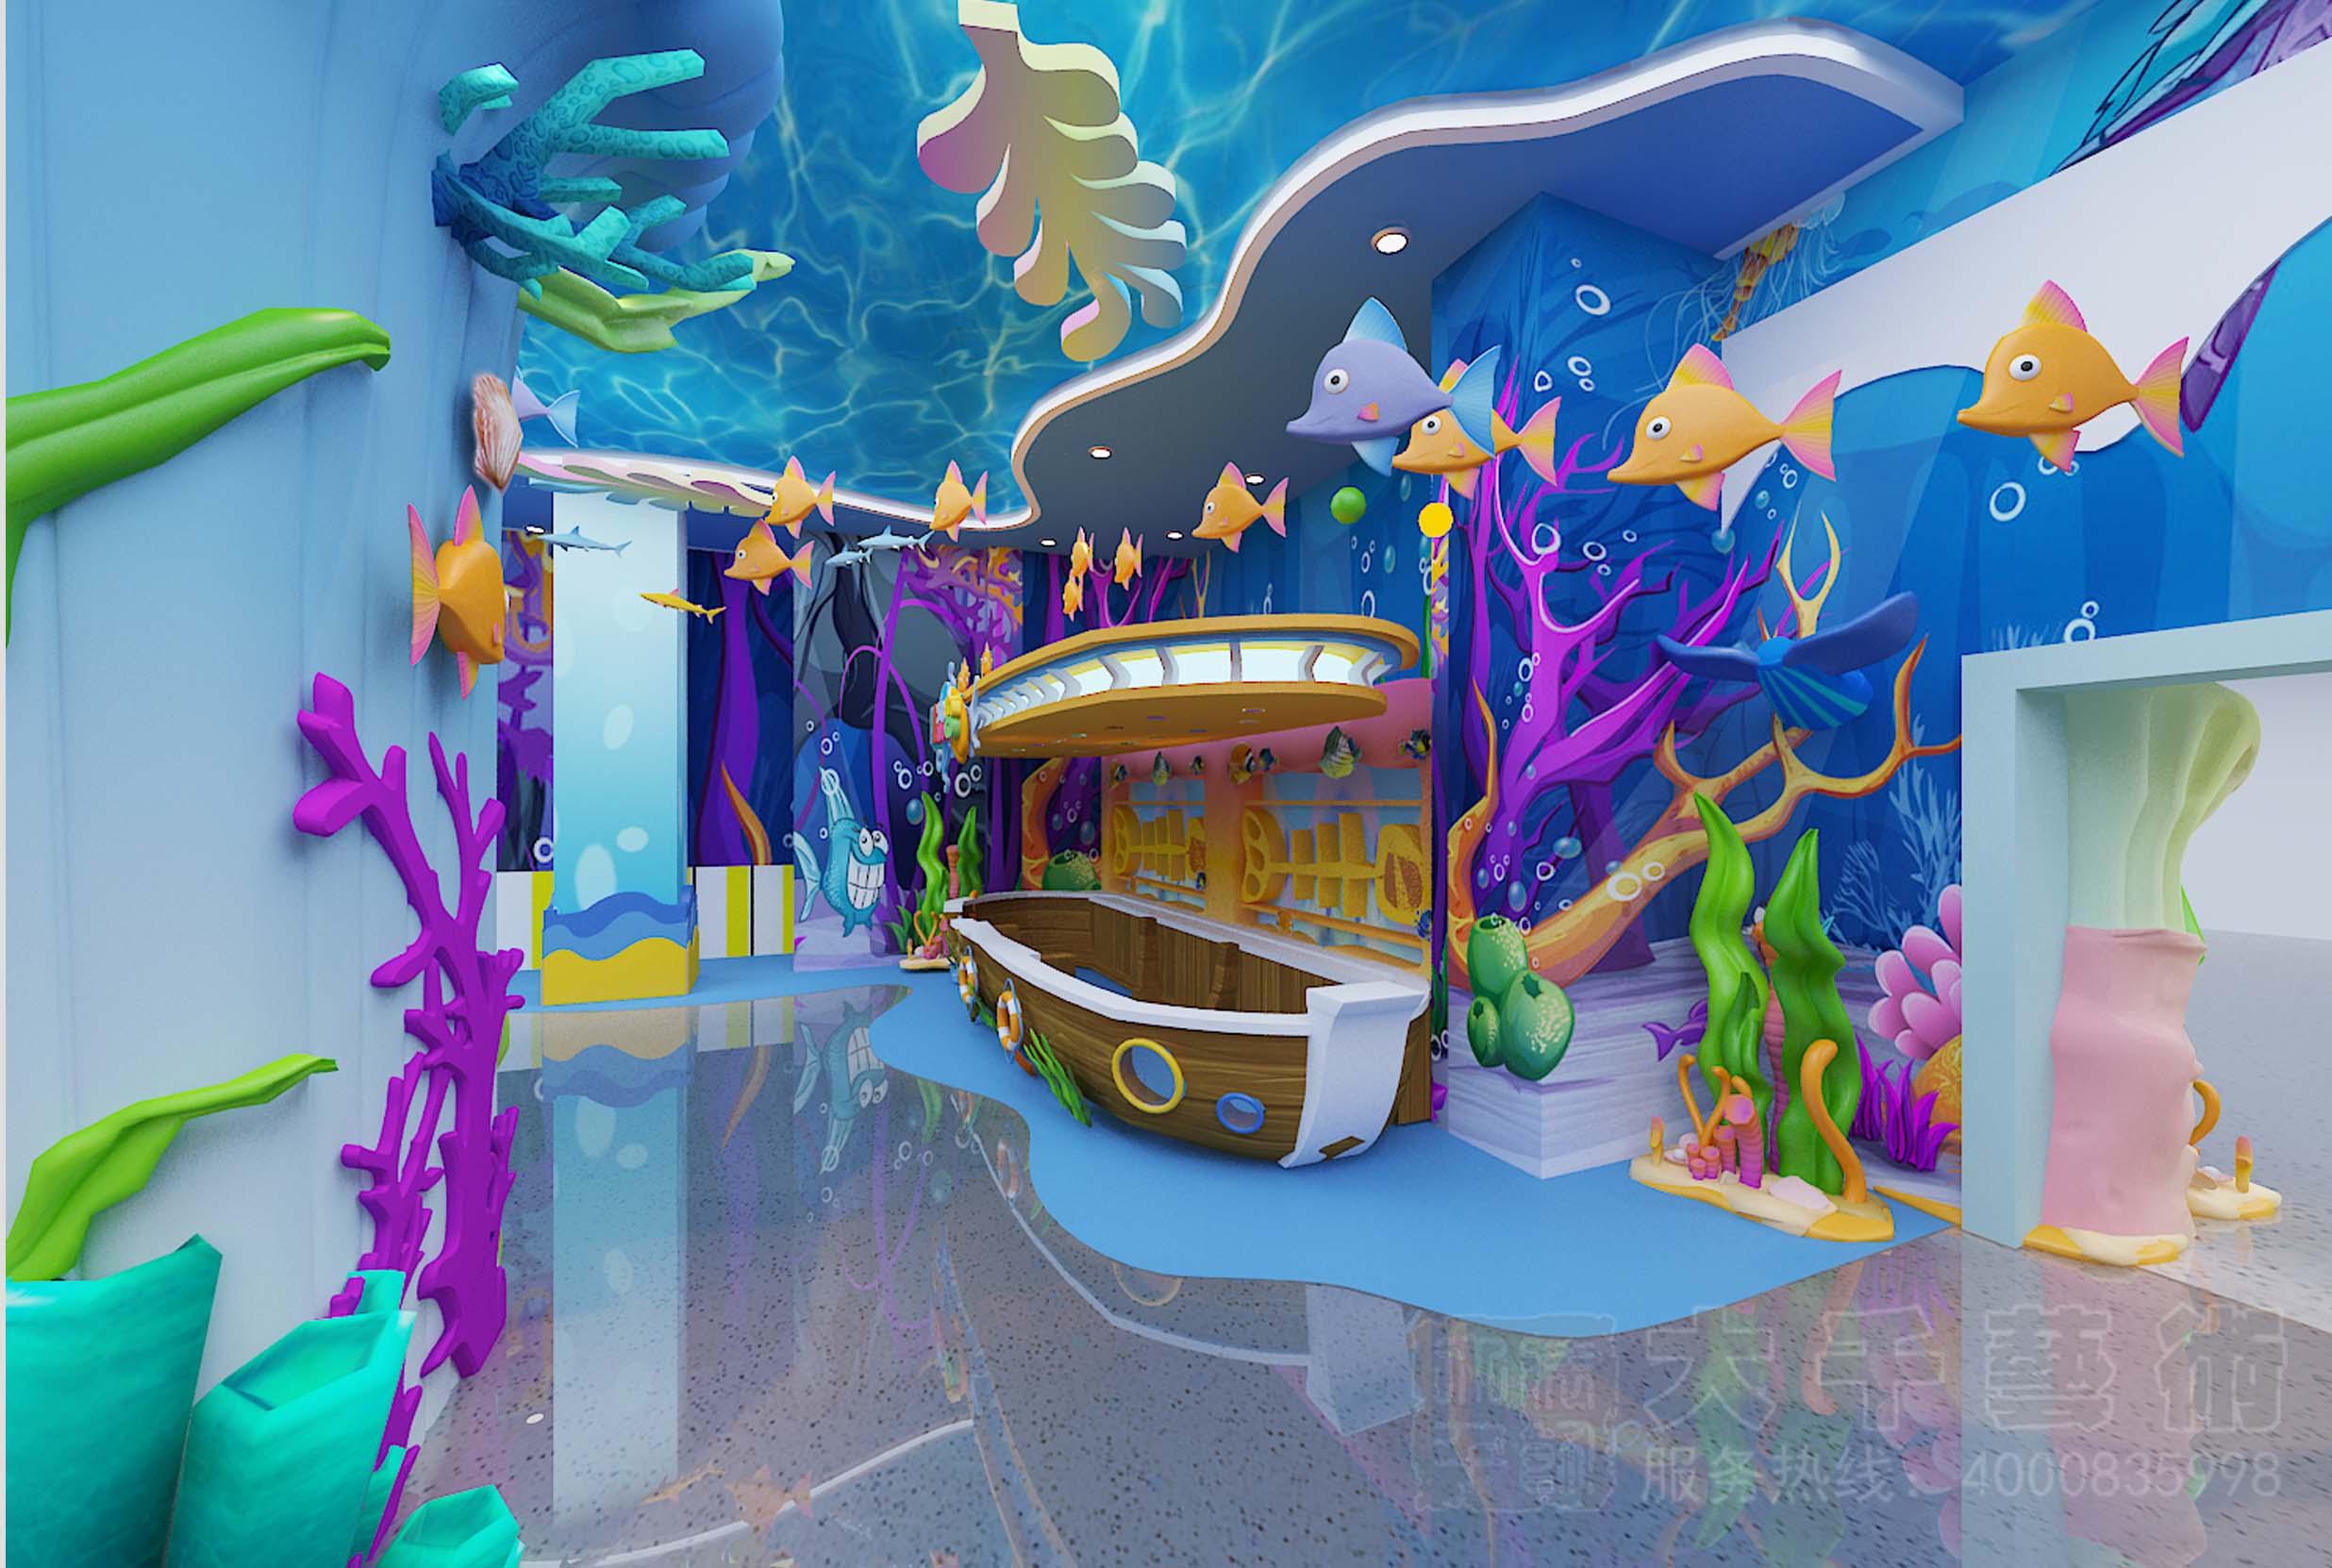 海洋主题 - 大千装饰 - 广州大千装饰工程有限公司